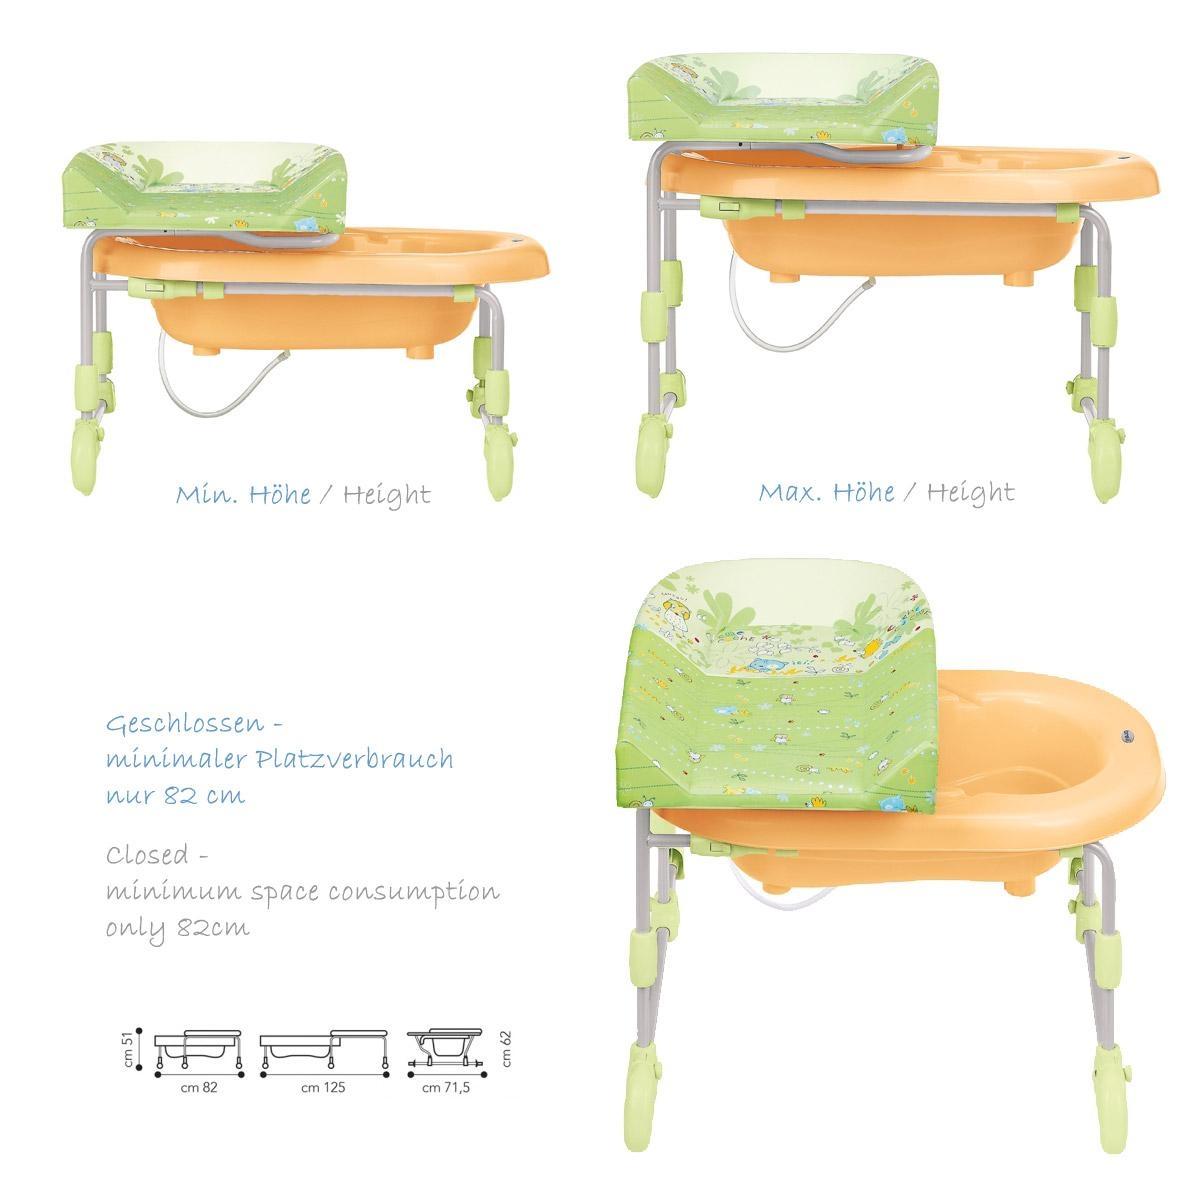 brevi bagnotime eau du bain langer combinaison table langer babybadewanne choix de couleur. Black Bedroom Furniture Sets. Home Design Ideas